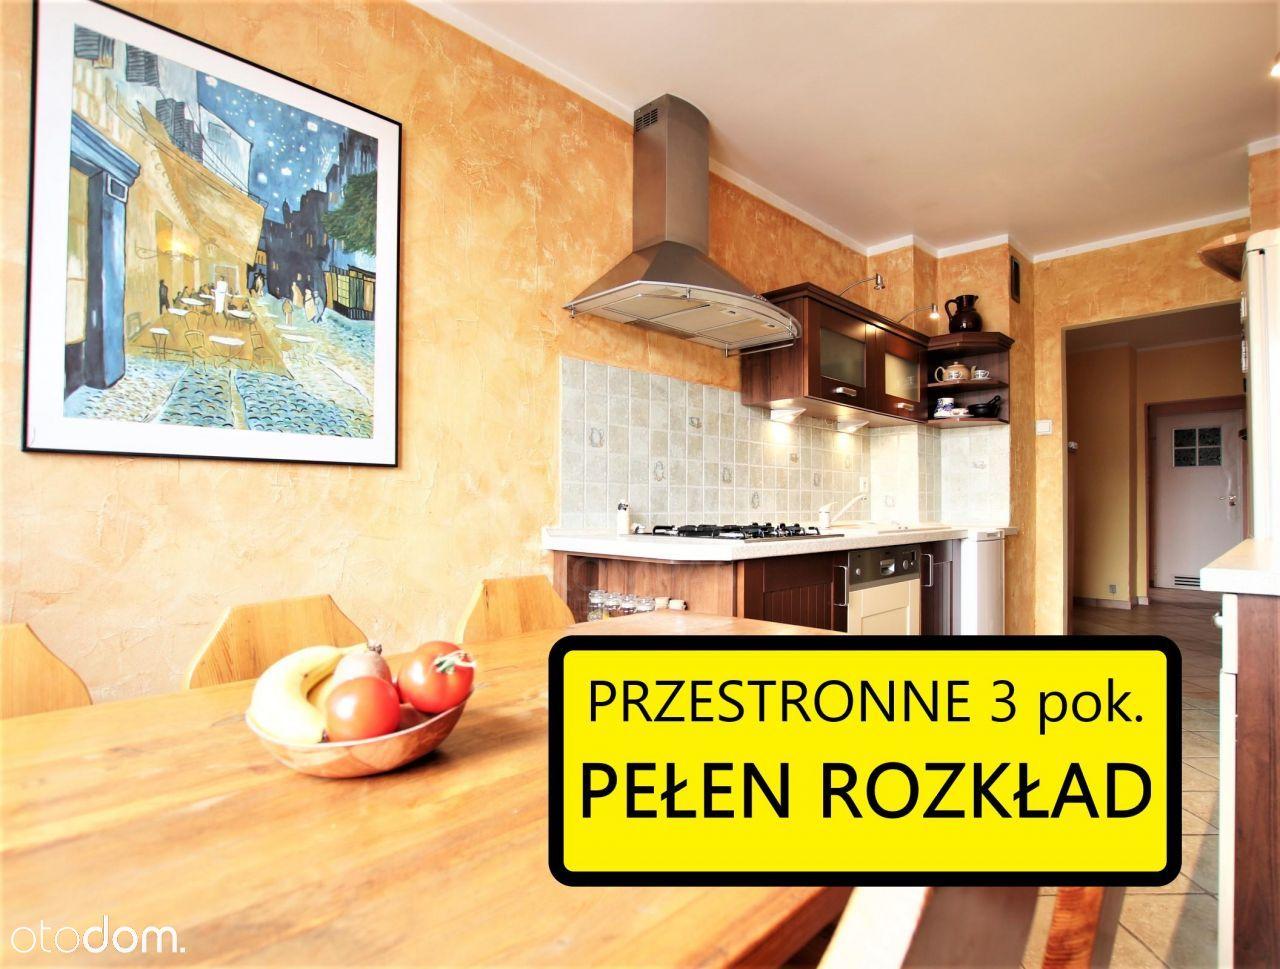 3 pokoje na Nowym Dworze / Pełen rozkład / 62,8m2